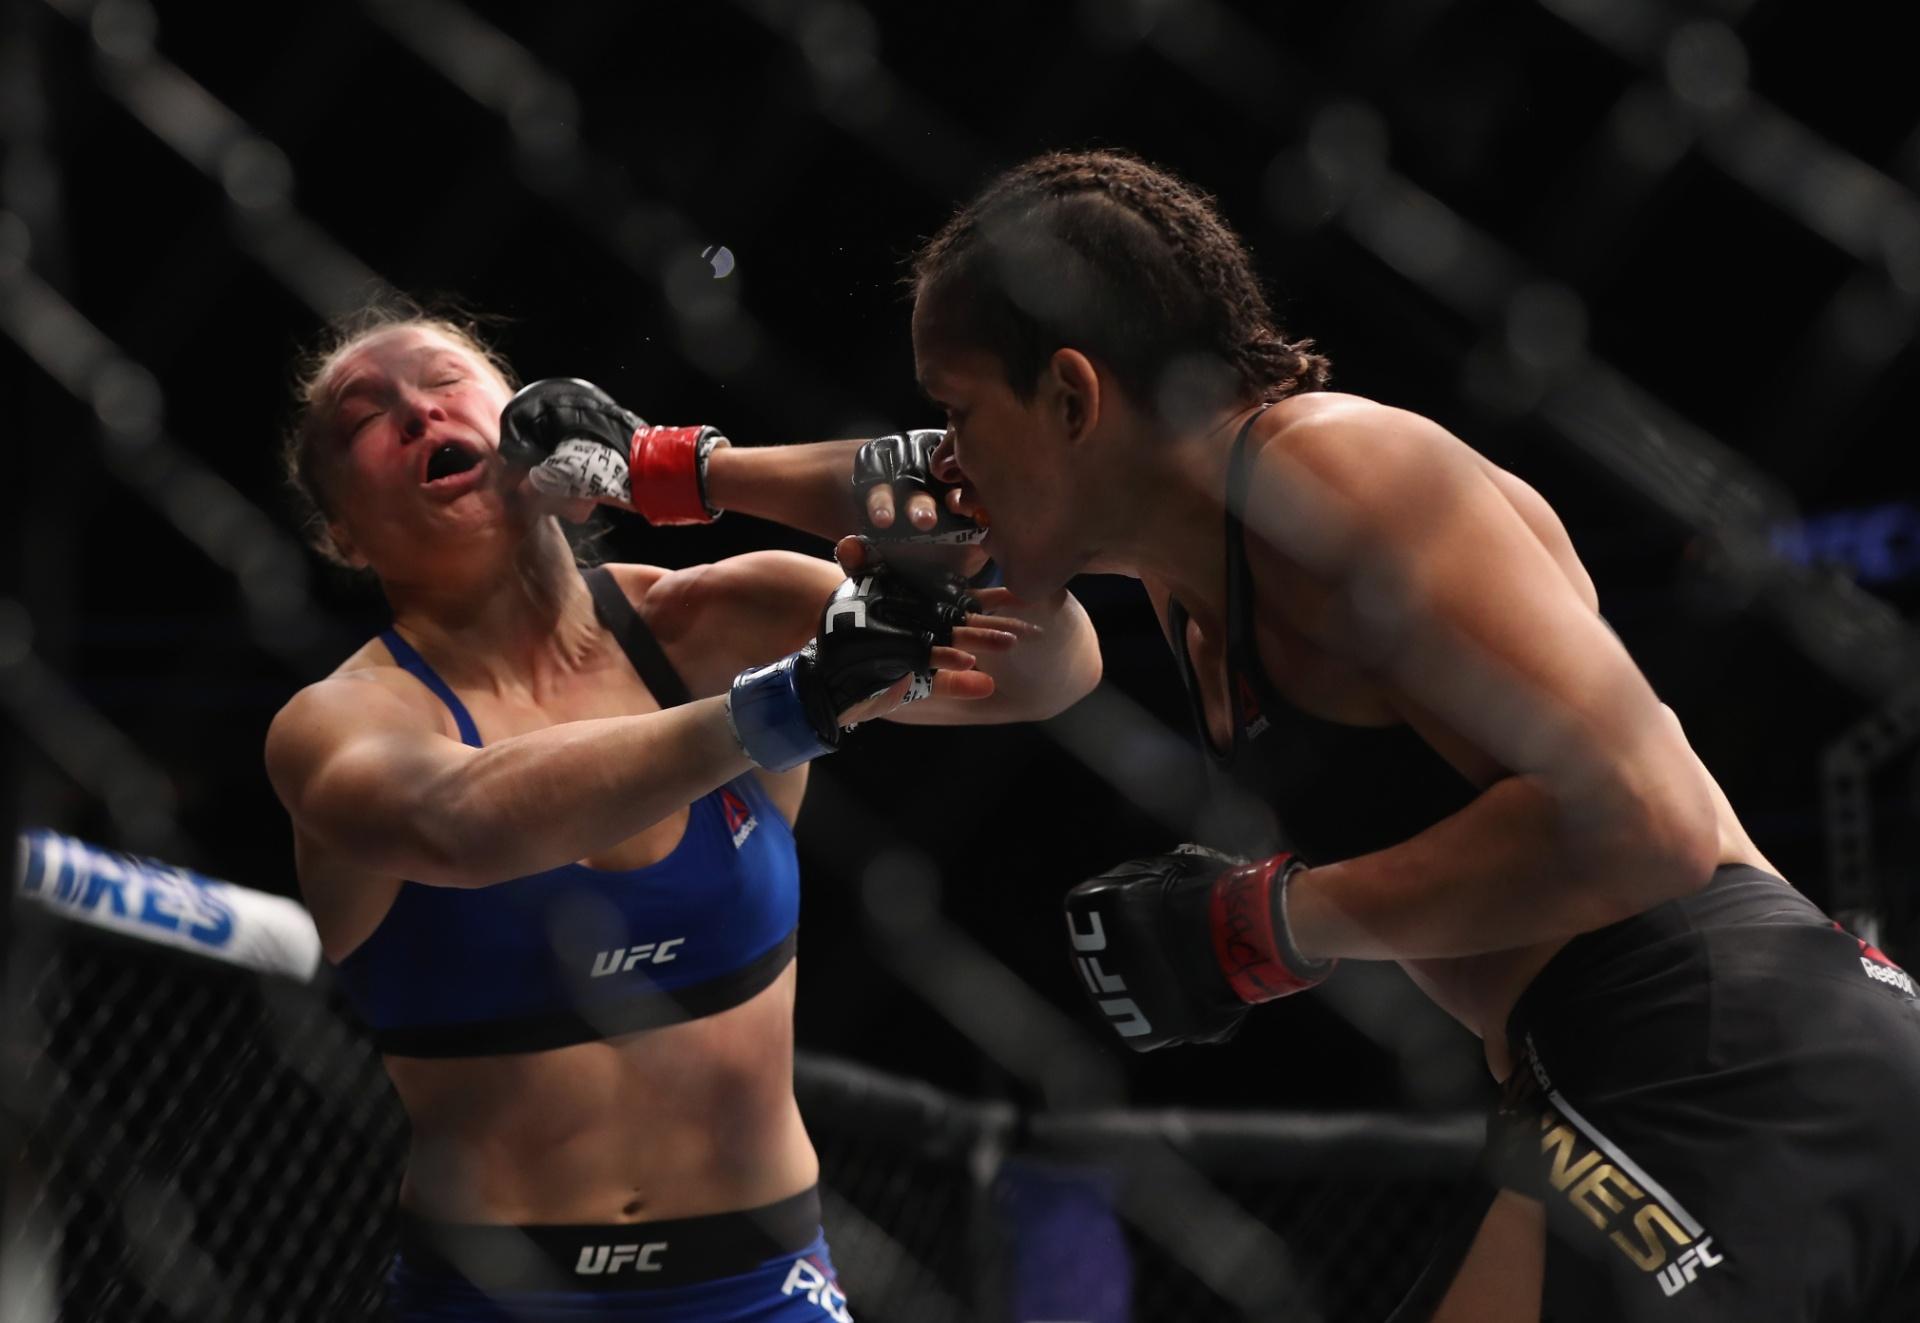 Especial - Amanda Nunes dá soco em Ronda Rousey